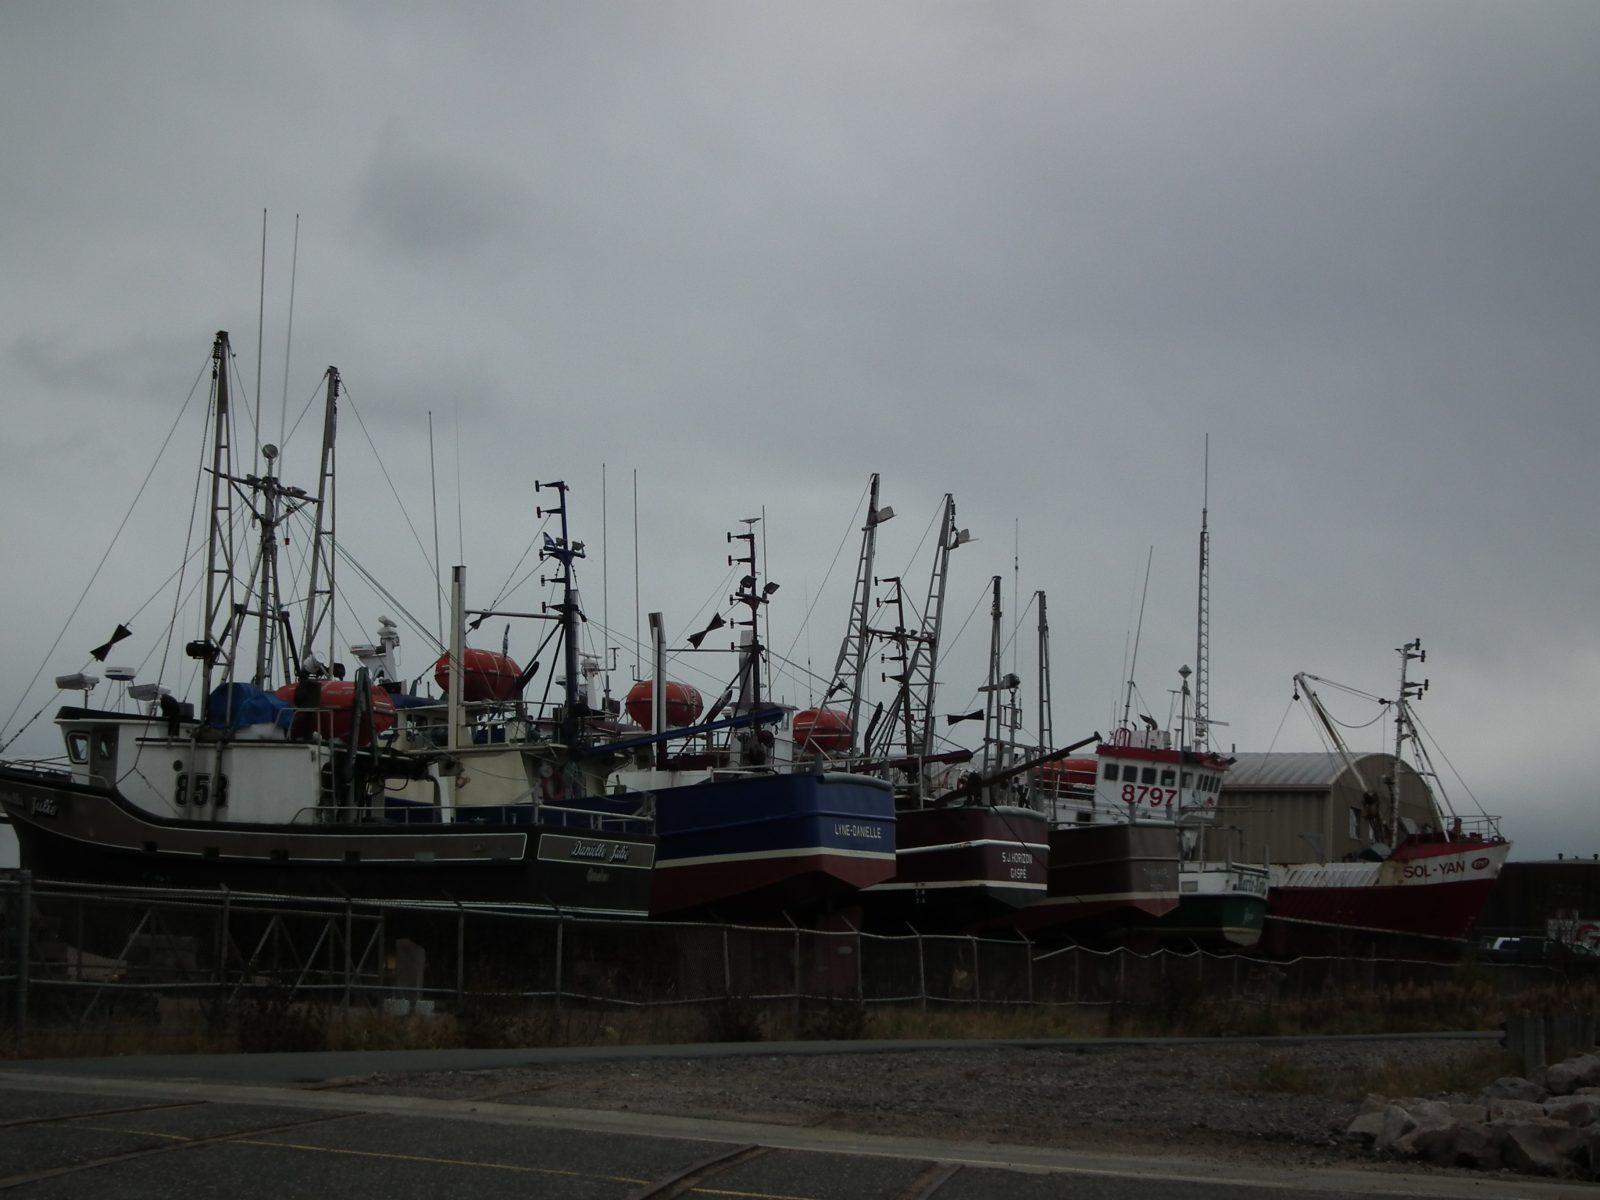 Pêche sportive en mer : des pêcheurs commerciaux inquiets